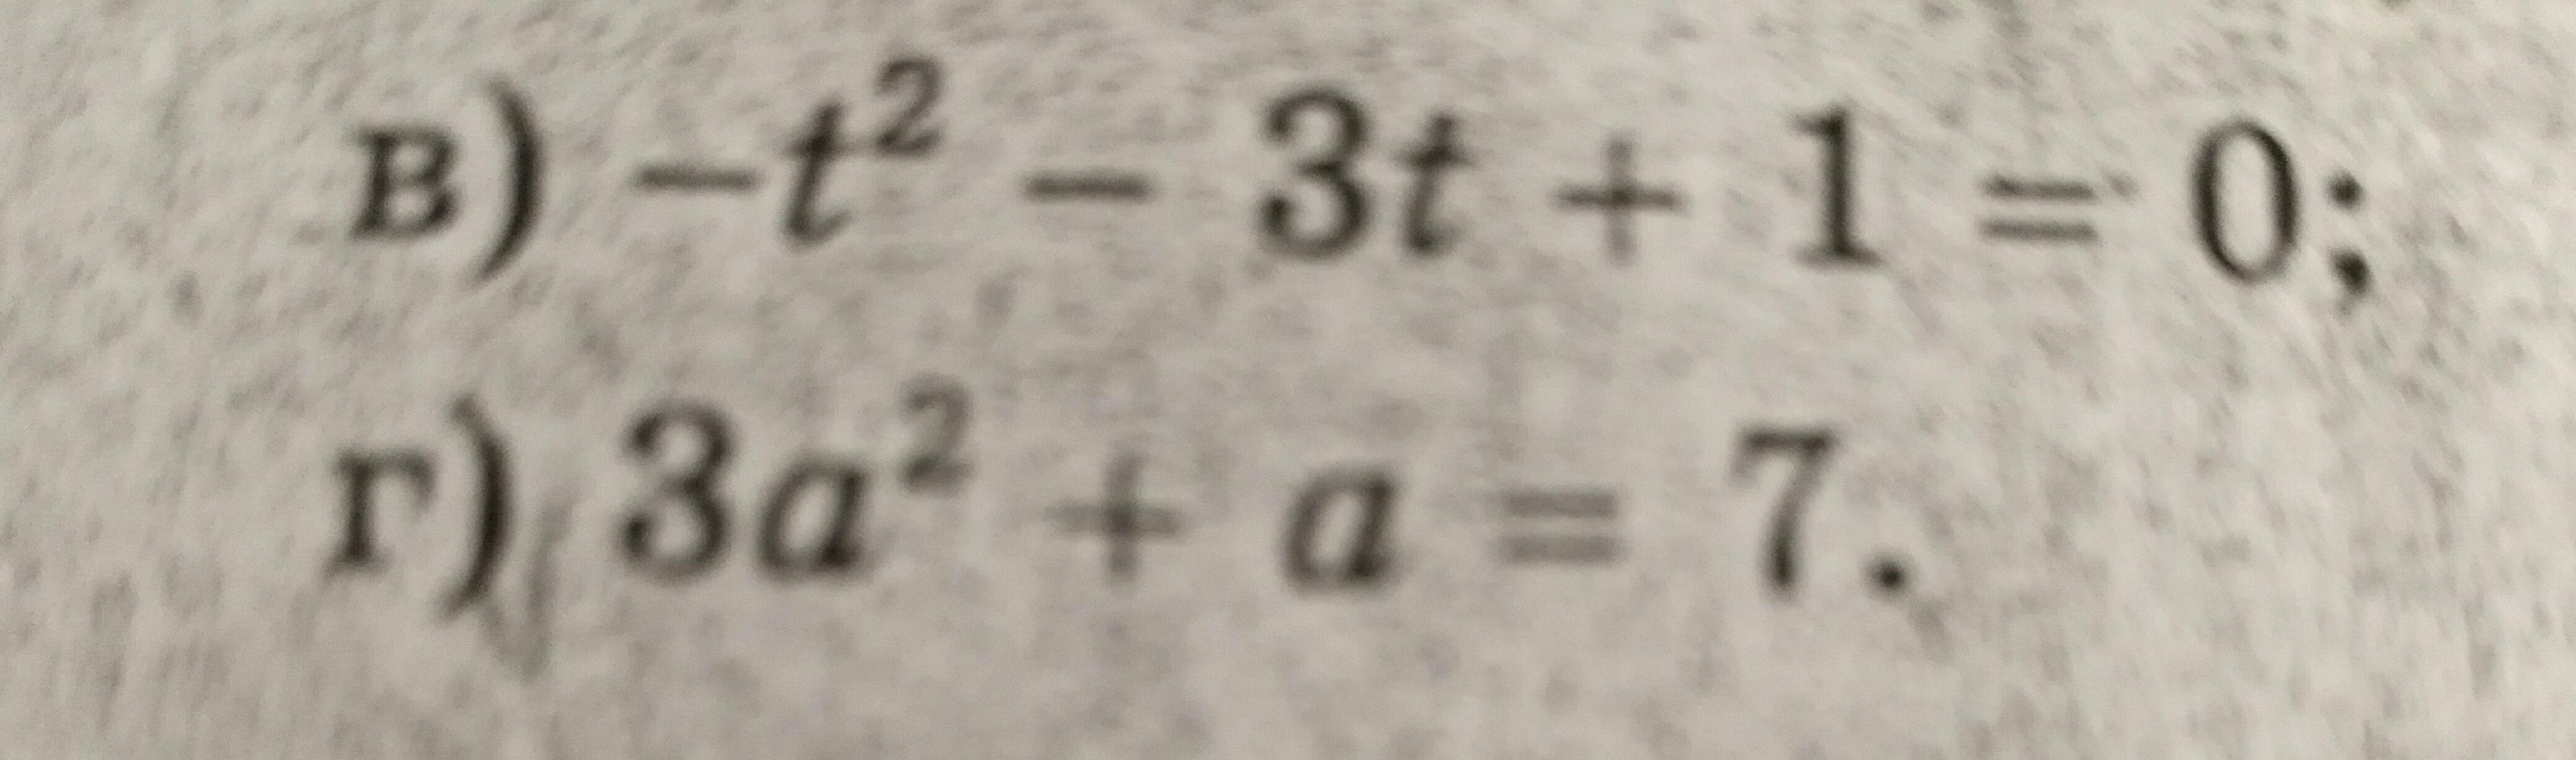 Квадратные уравнения с решением?